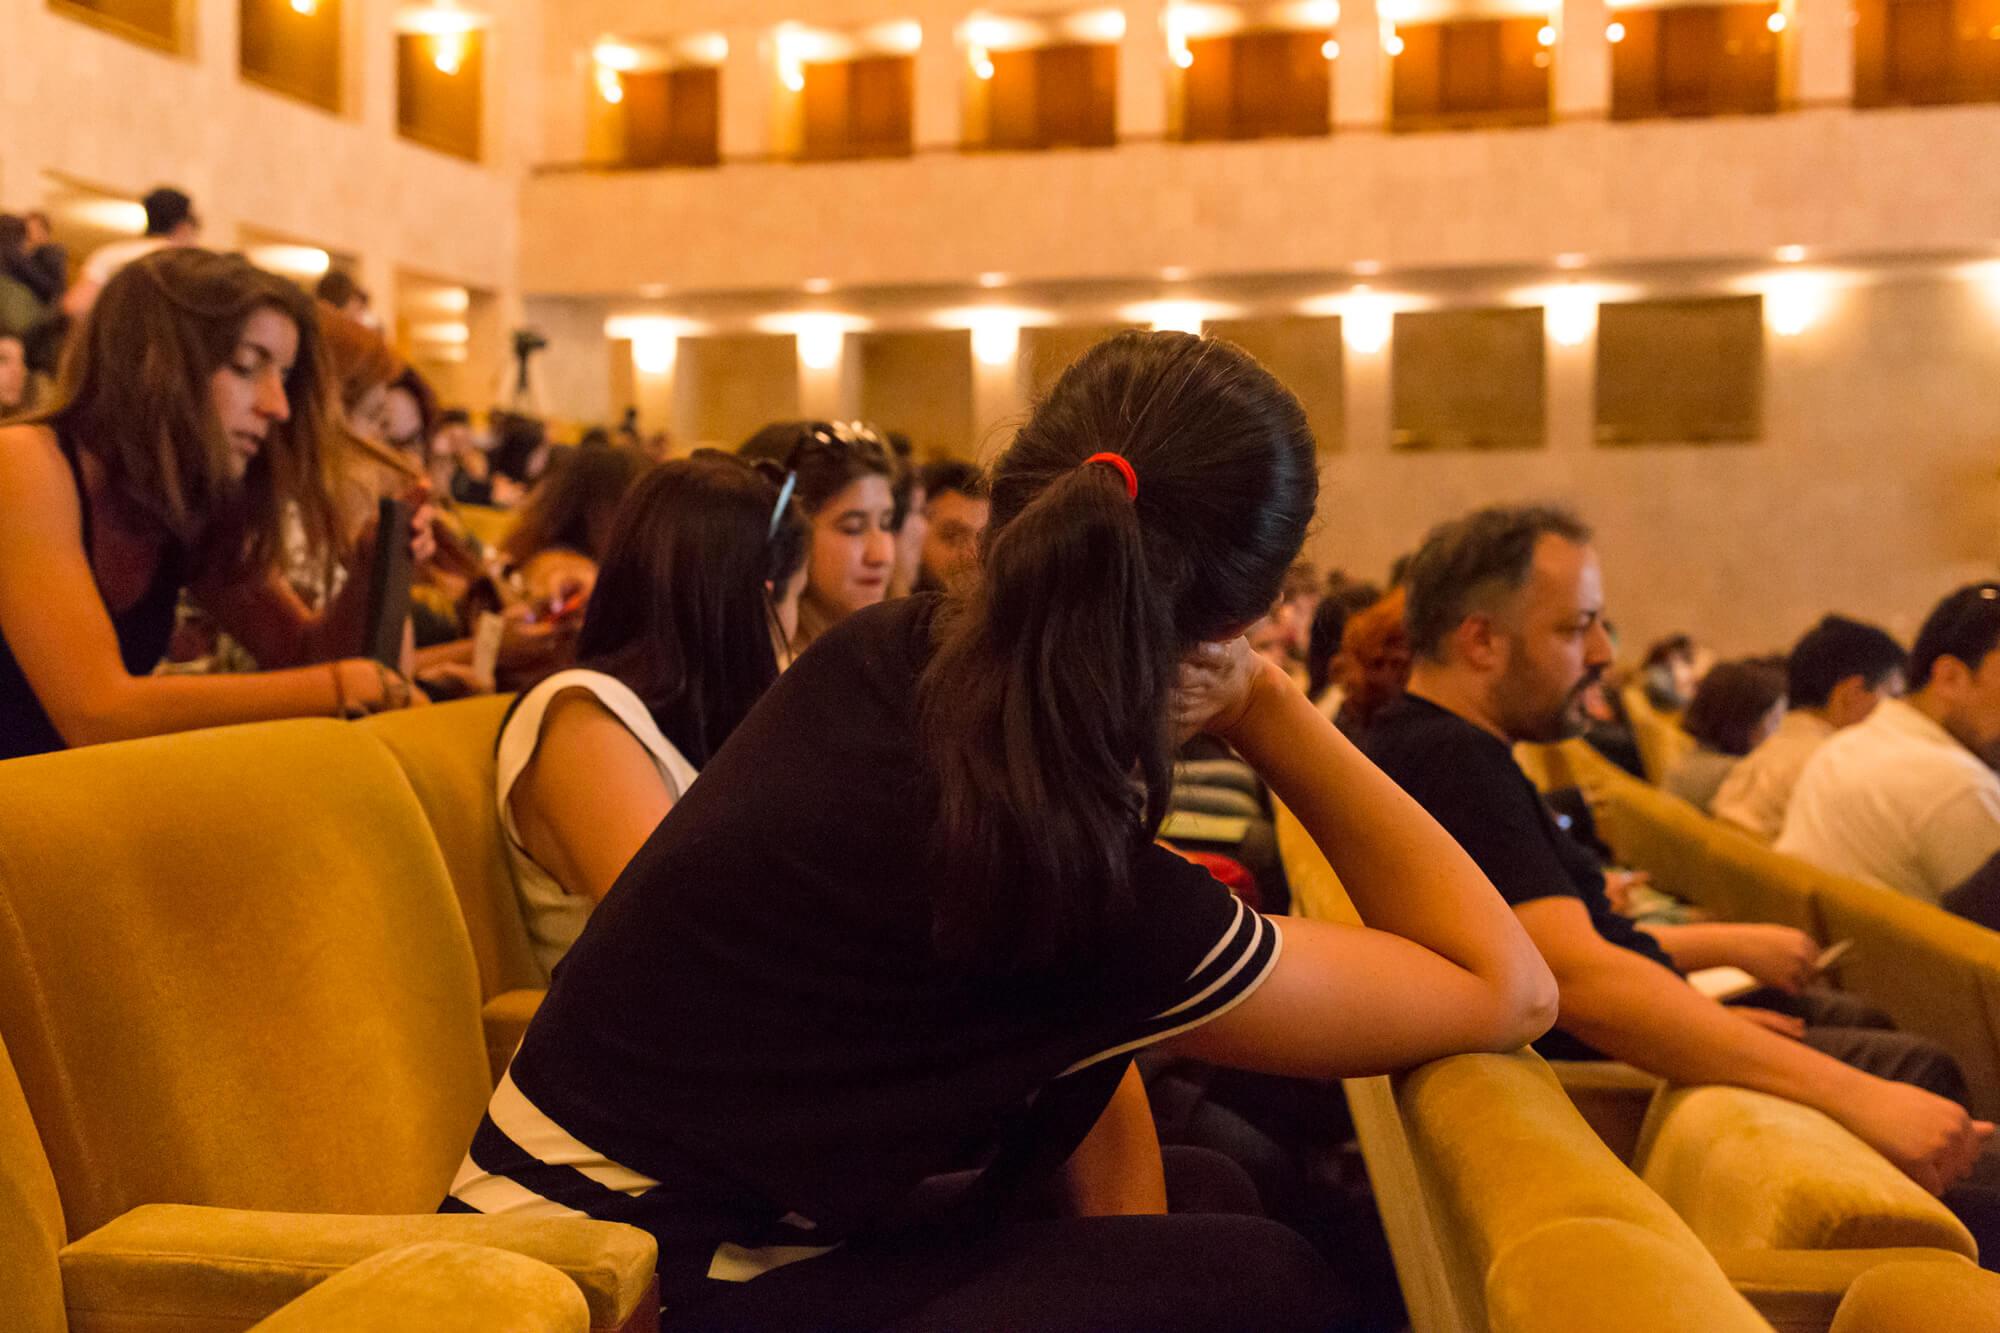 público sentado dentro do grande auditório